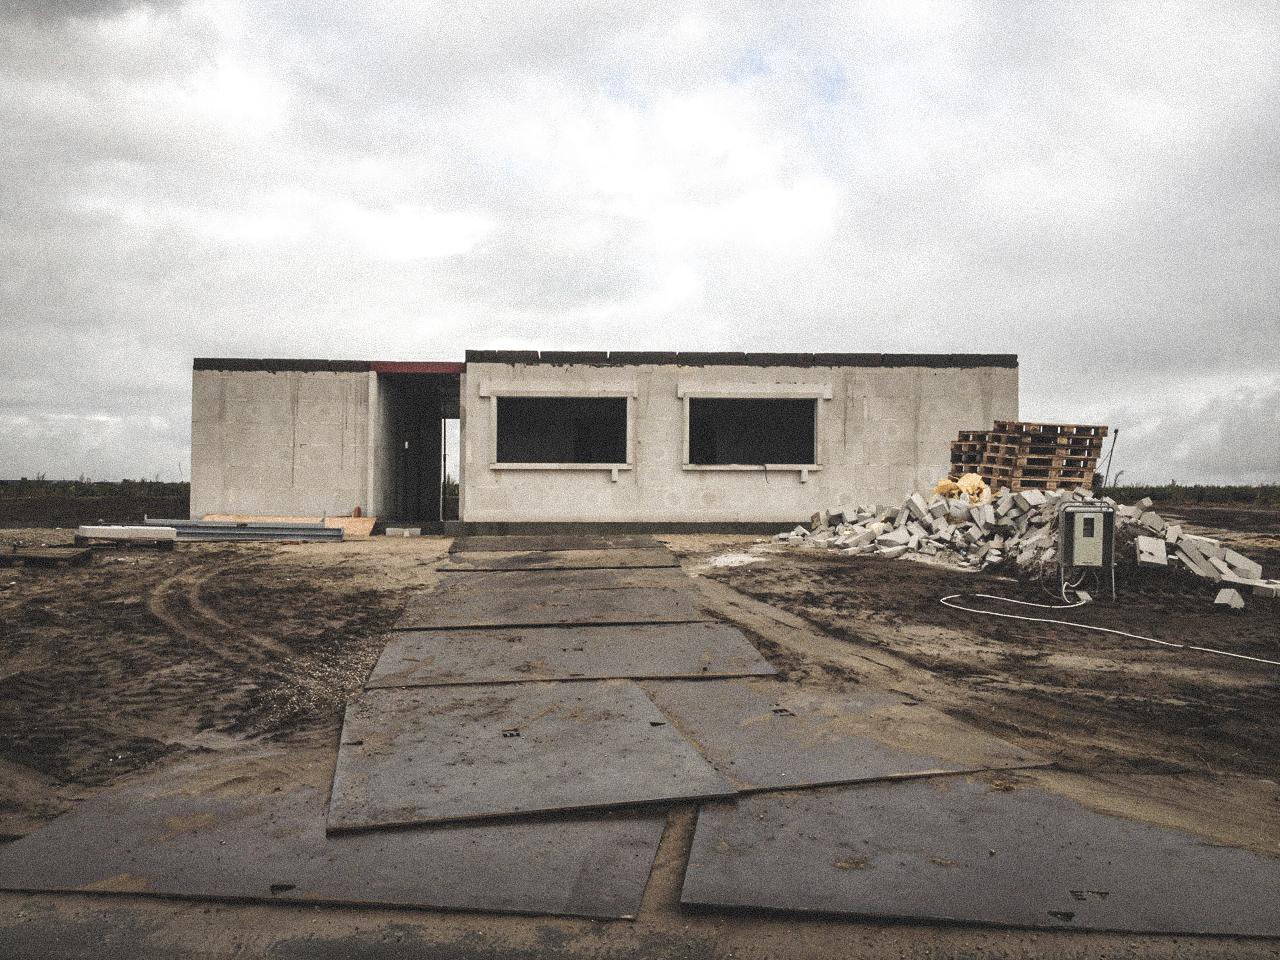 Billede af et igangværende byggeri i Status Hjallerup, tegnet af arkitektfirmaet m2plus.